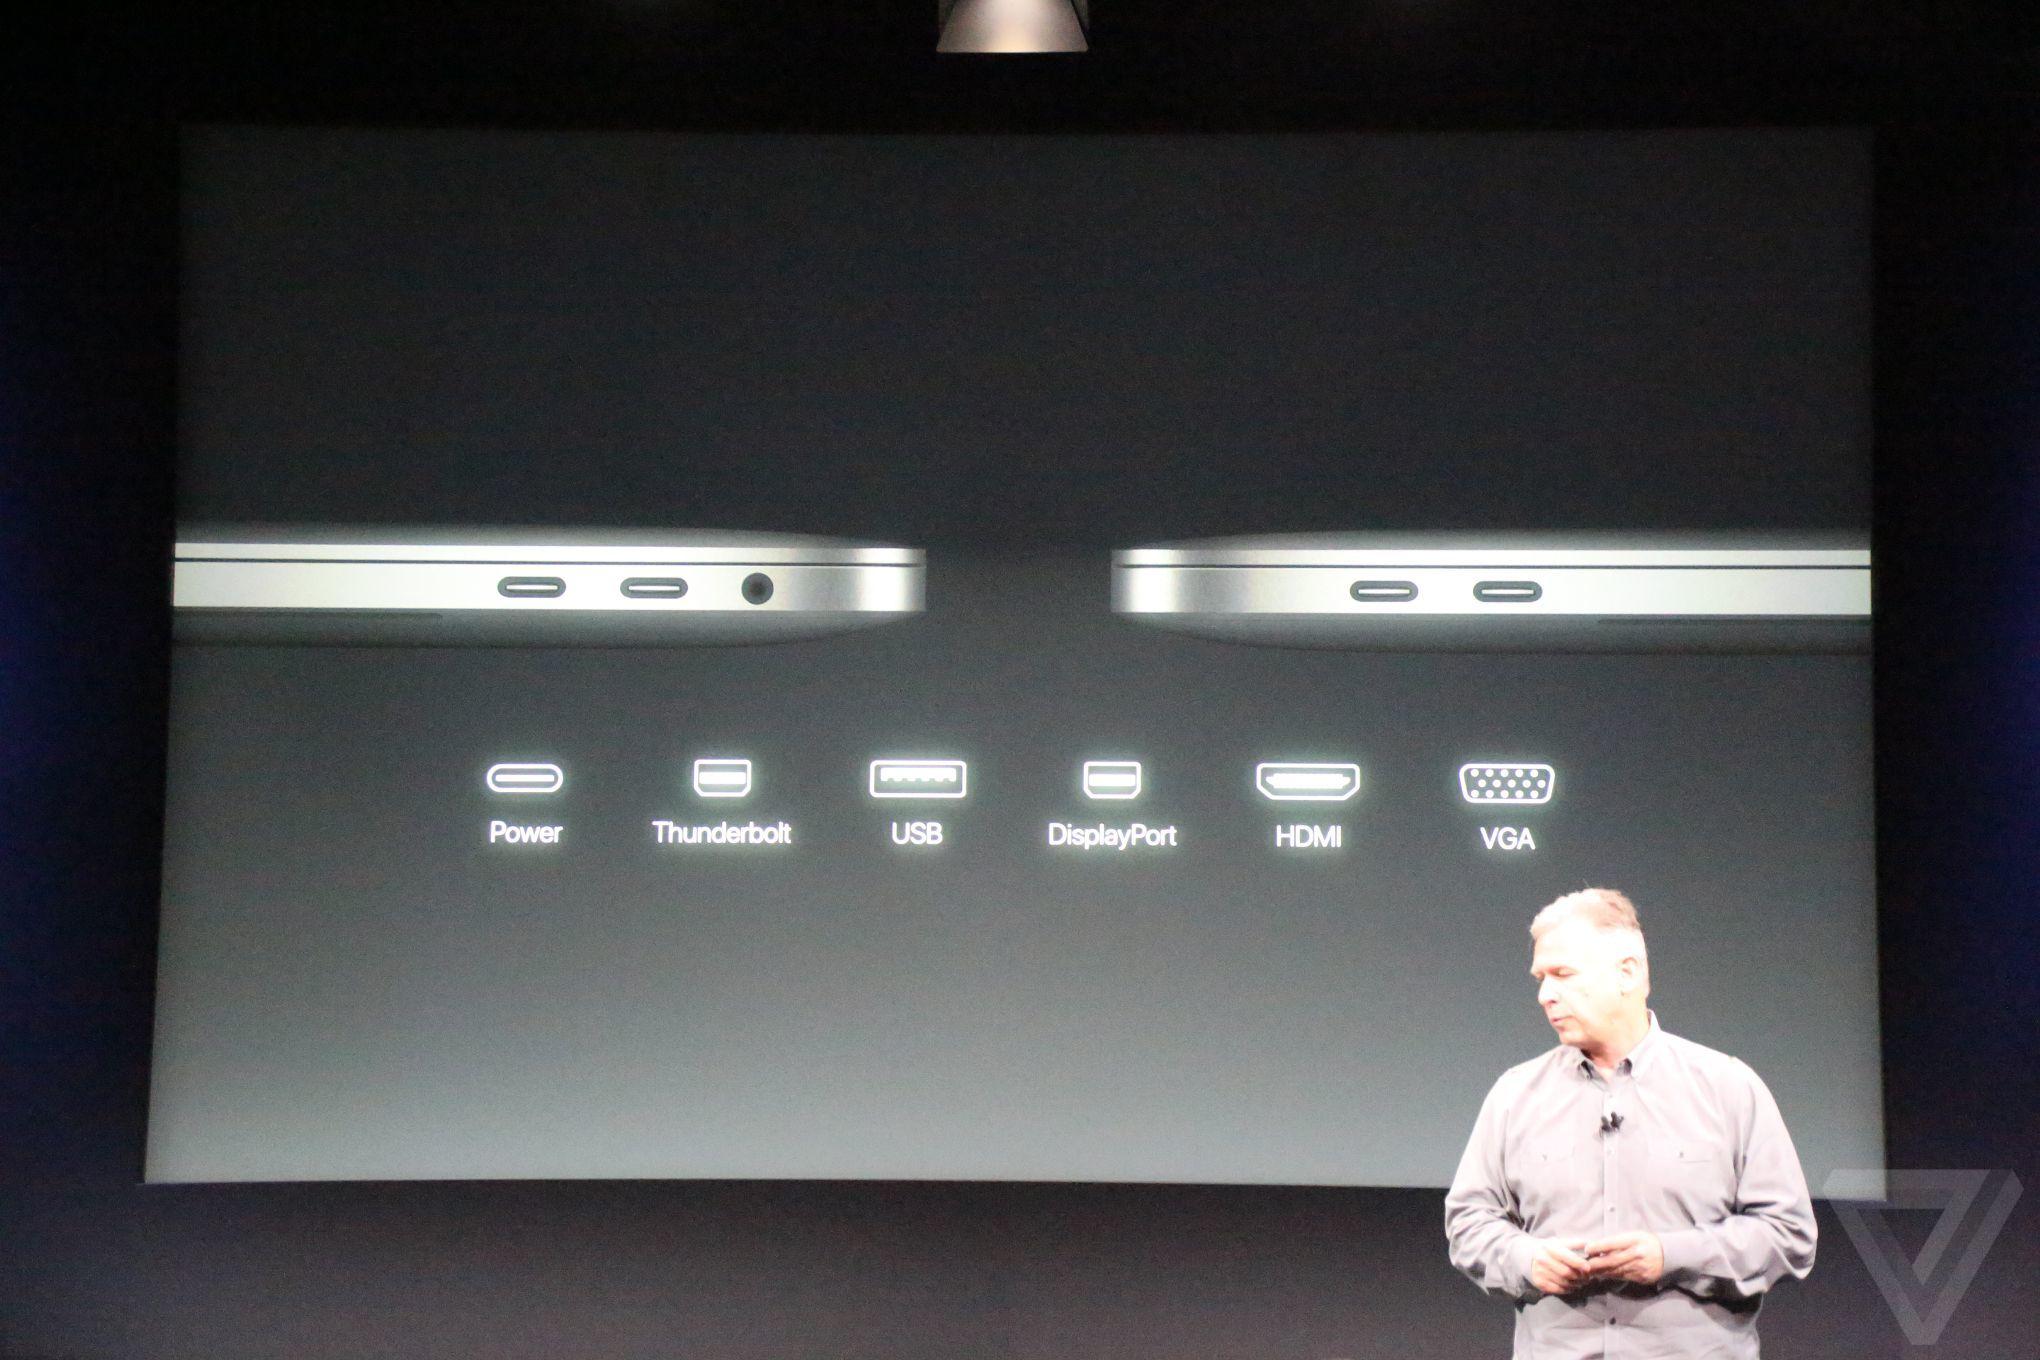 apple-macbook-event-20161027-8513